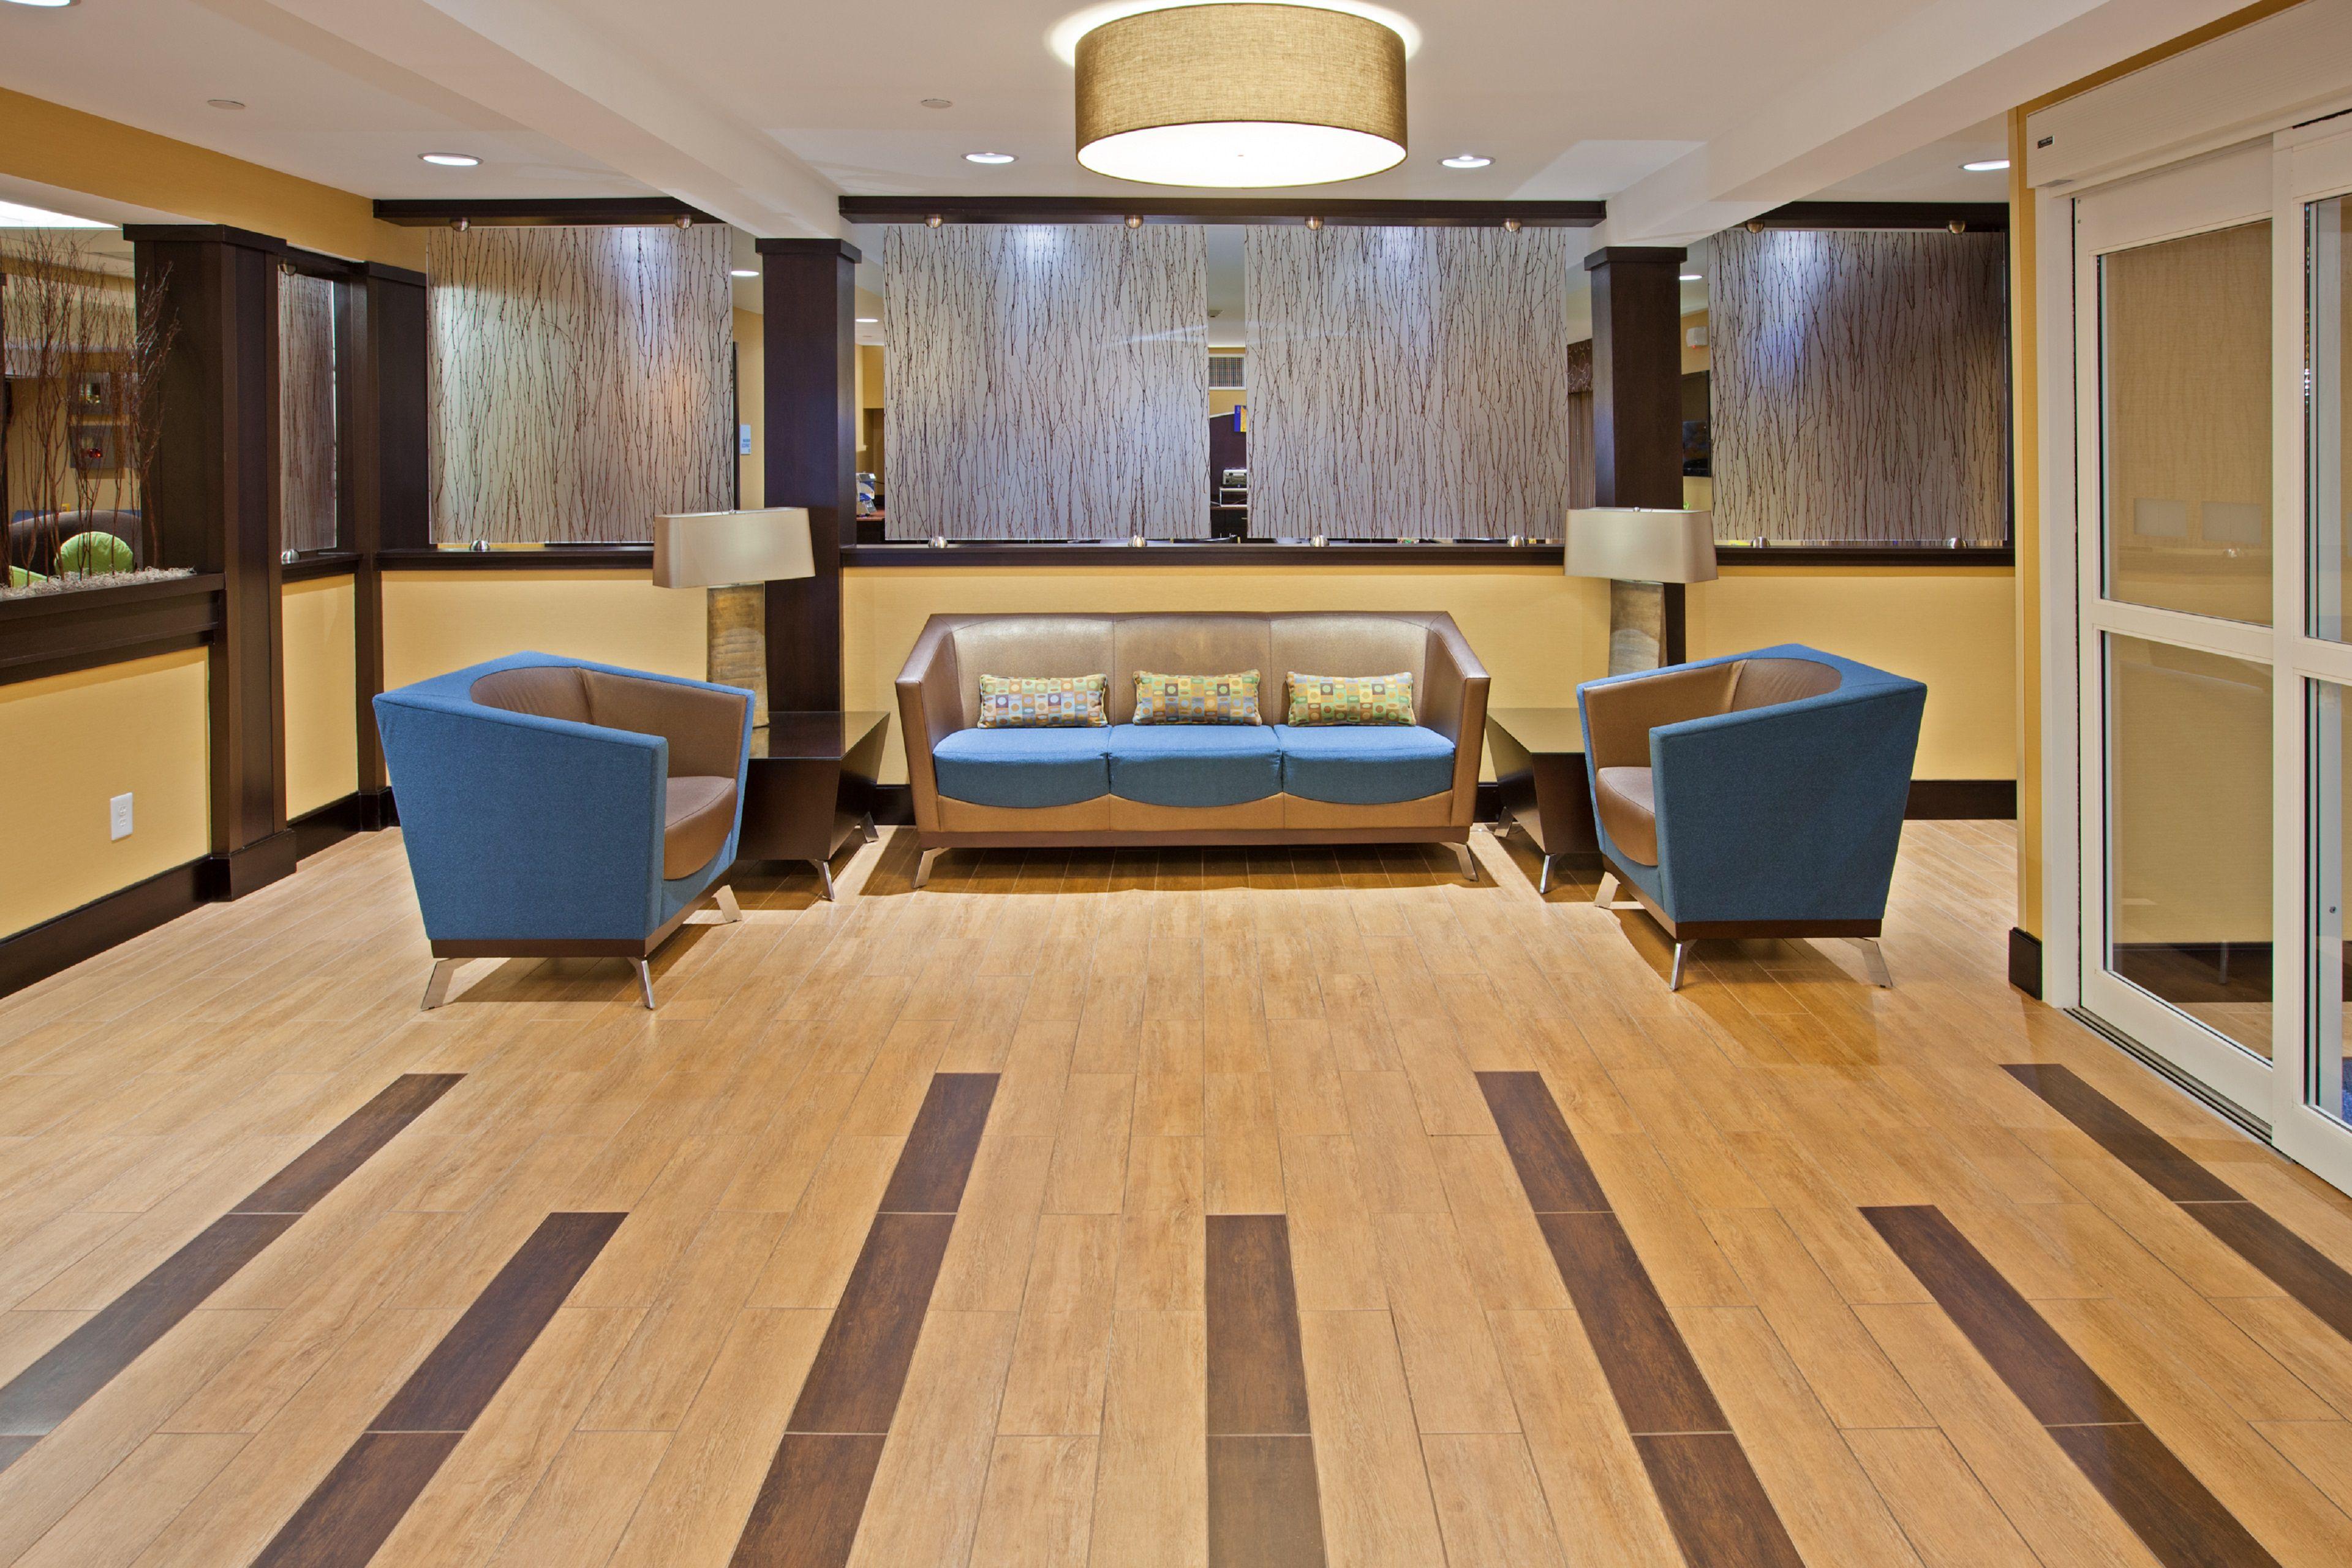 Holiday Inn Express Bowling Green image 6